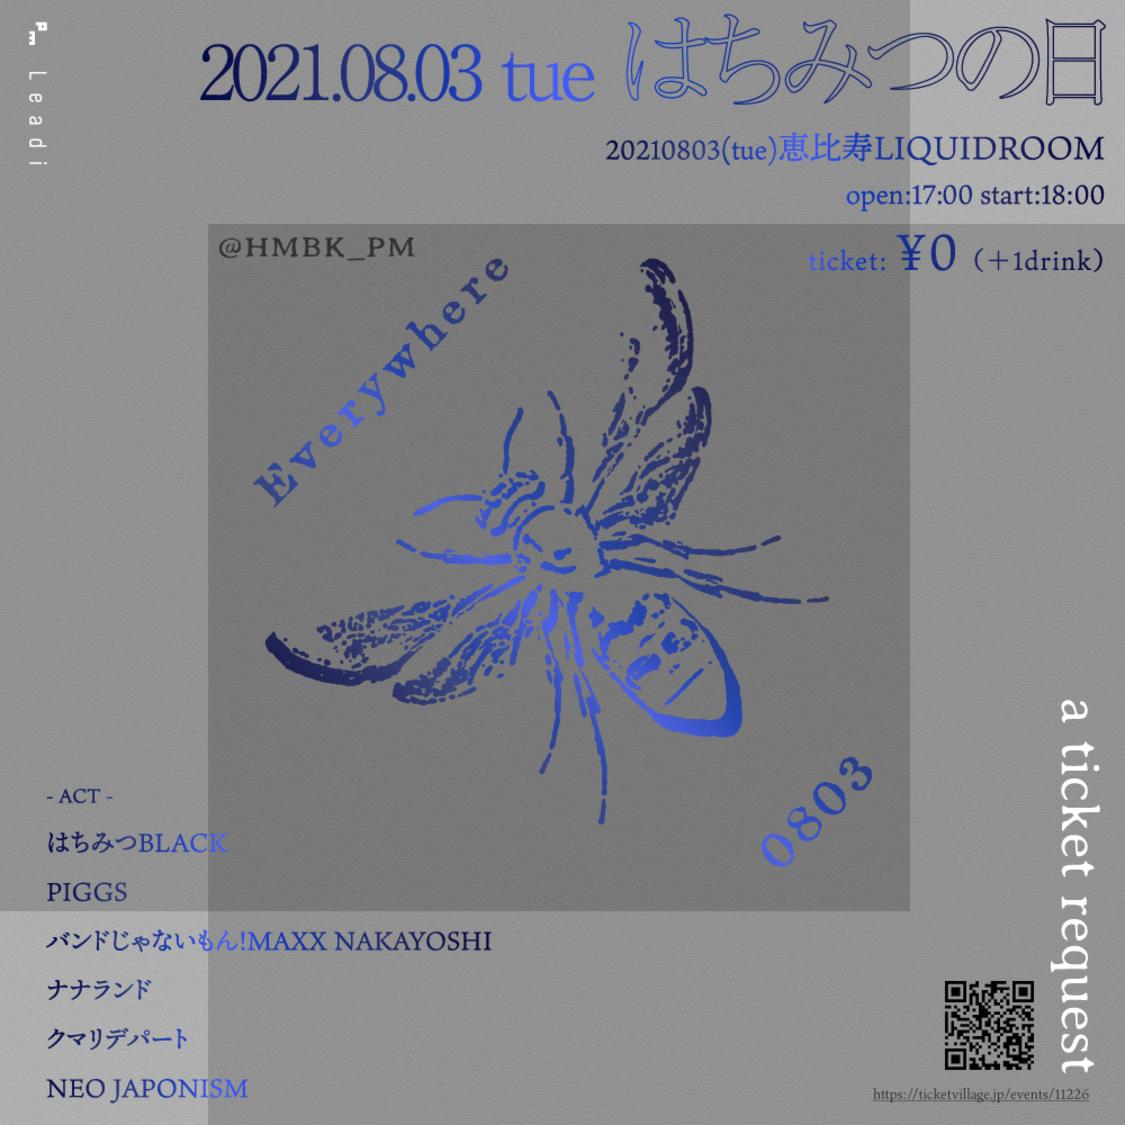 バンドもん!、PIGGS、ナナランド、クマリデパート、NEO JAPONISM、ライブイベント<はちみつの日>出演決定+新グループ・はちみつBLACK、ステージデビューも!